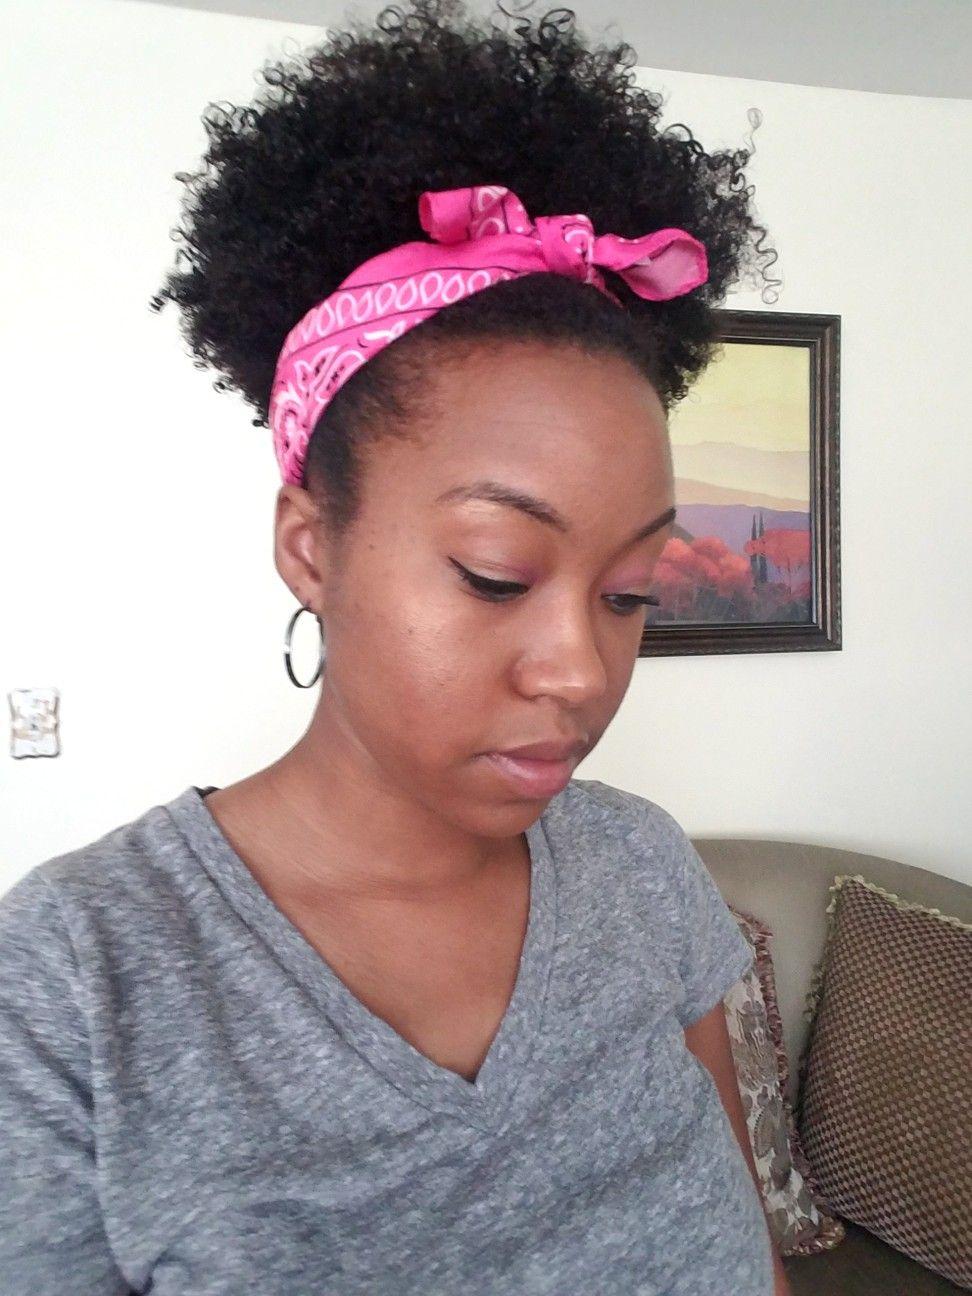 Bandana natural hair   Shaved natural hair, Natural hair ...